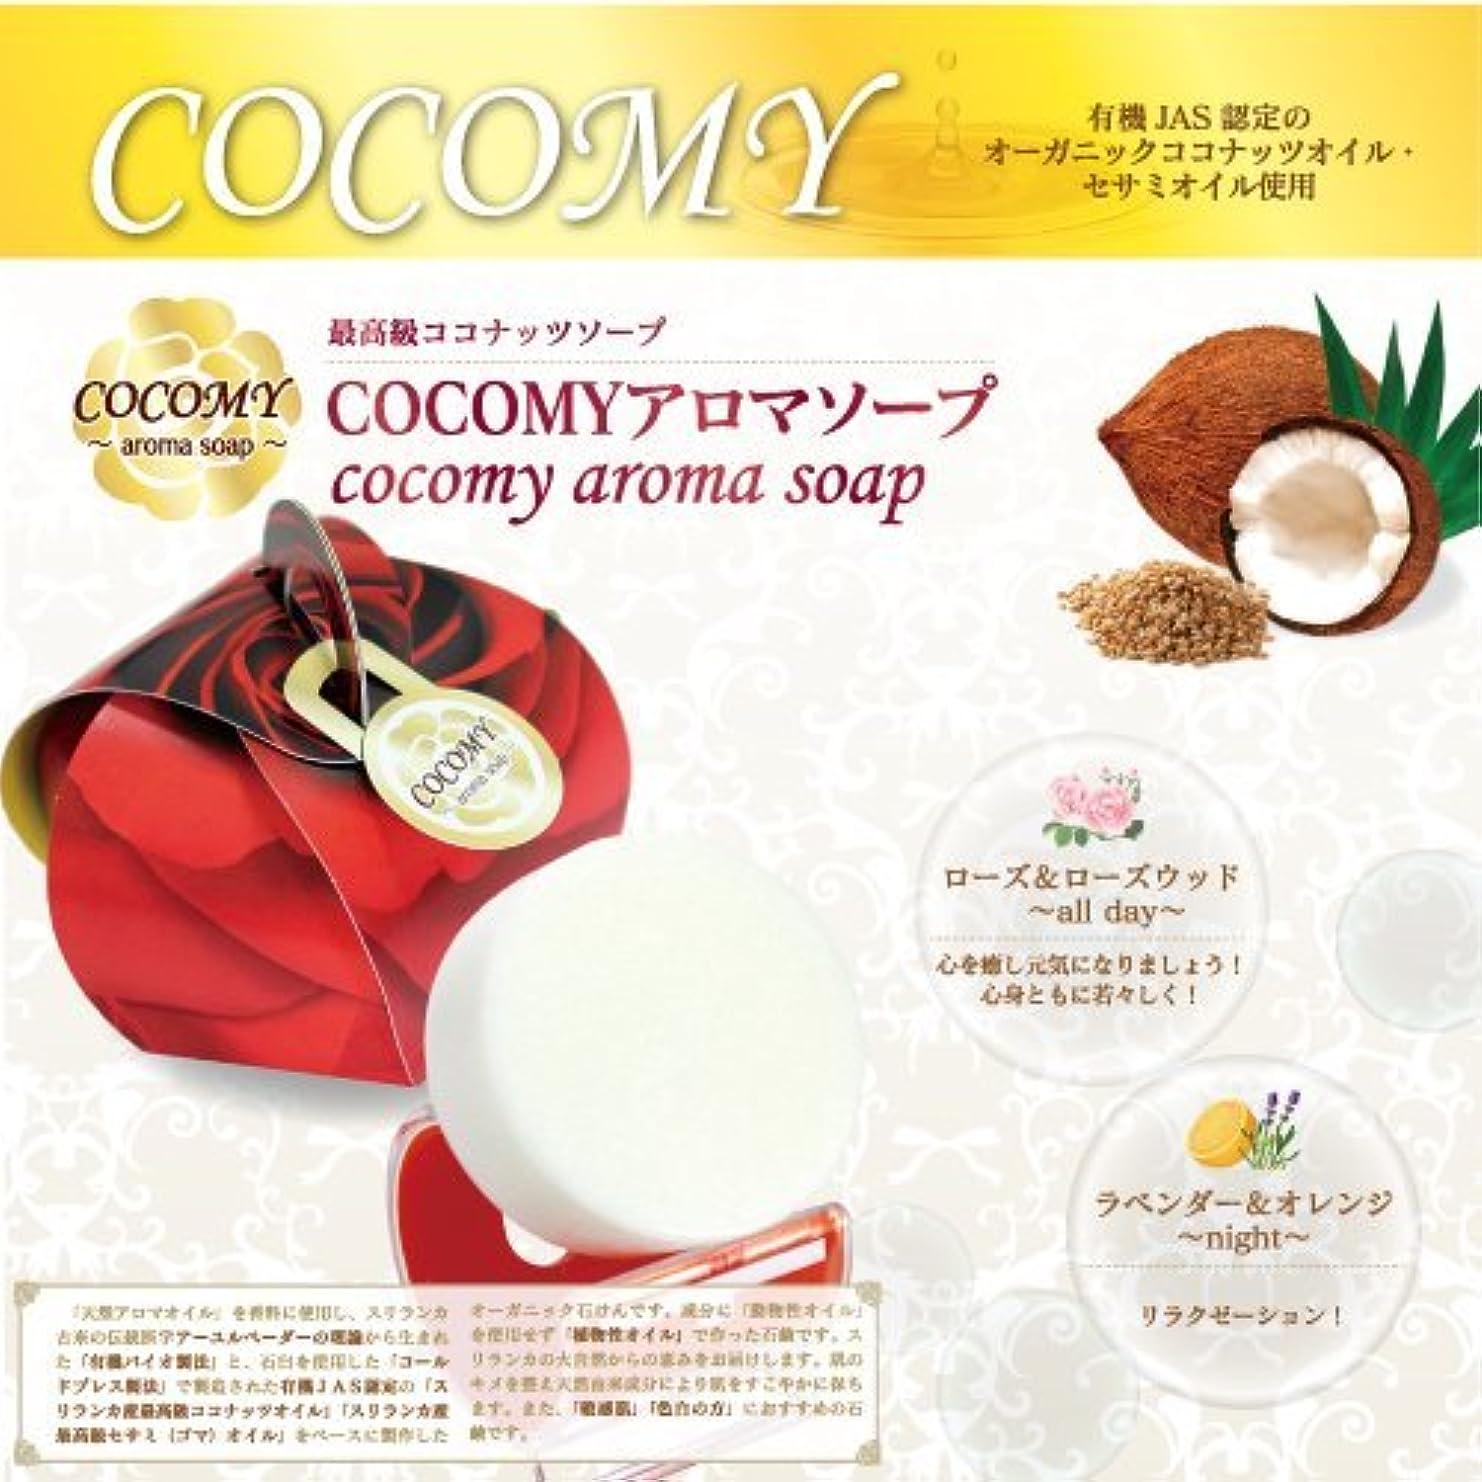 補体試験腫瘍COCOMY aromaソープ 2個セット (ラベンダー&オレンジ)(ローズ&ローズウッド)40g×各1